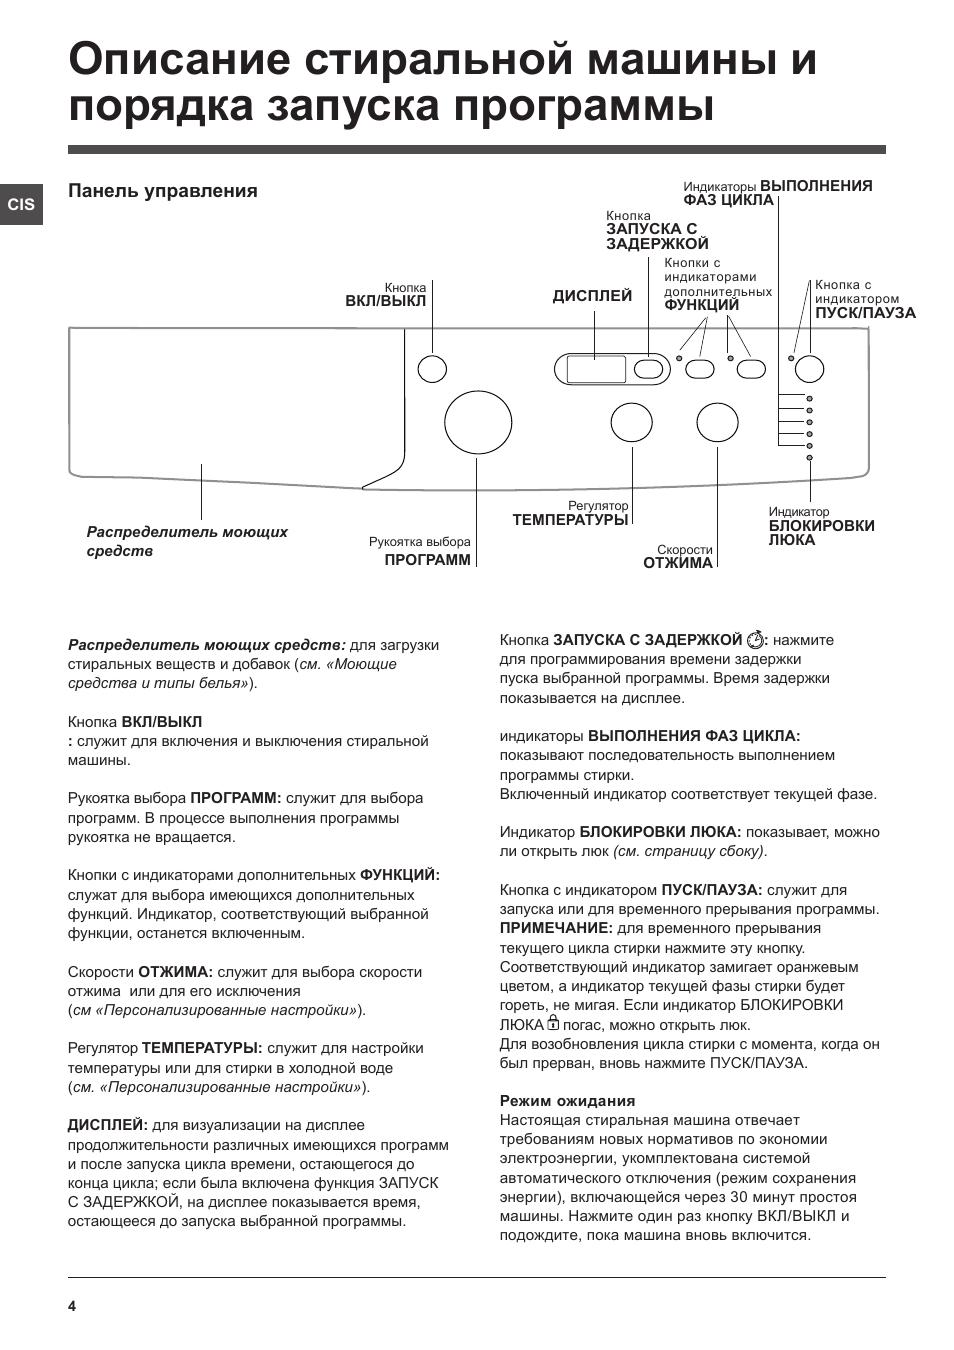 Панель управления